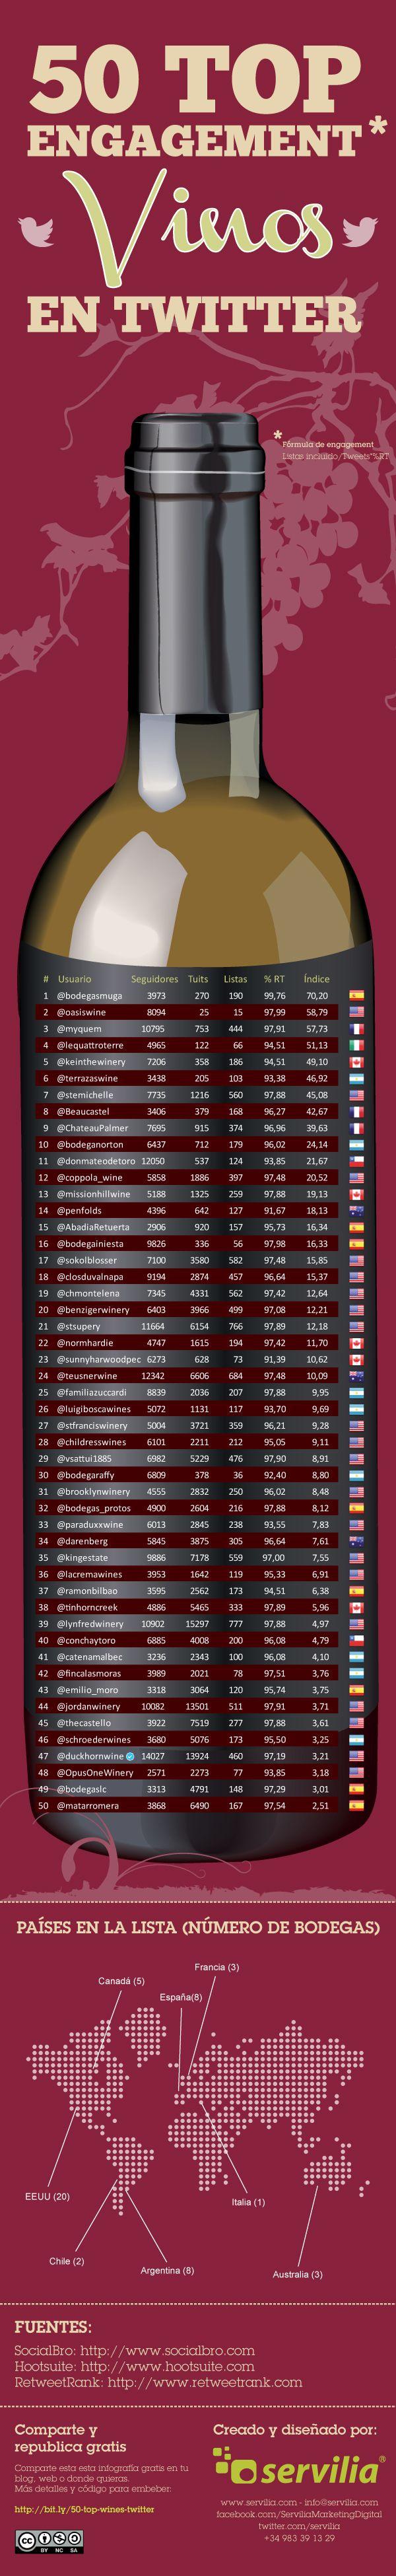 50 Top #Wine Engager su #Twitter | #SocialMedia e #Vino - ricerca condotta tramite #SocialBro #infografica